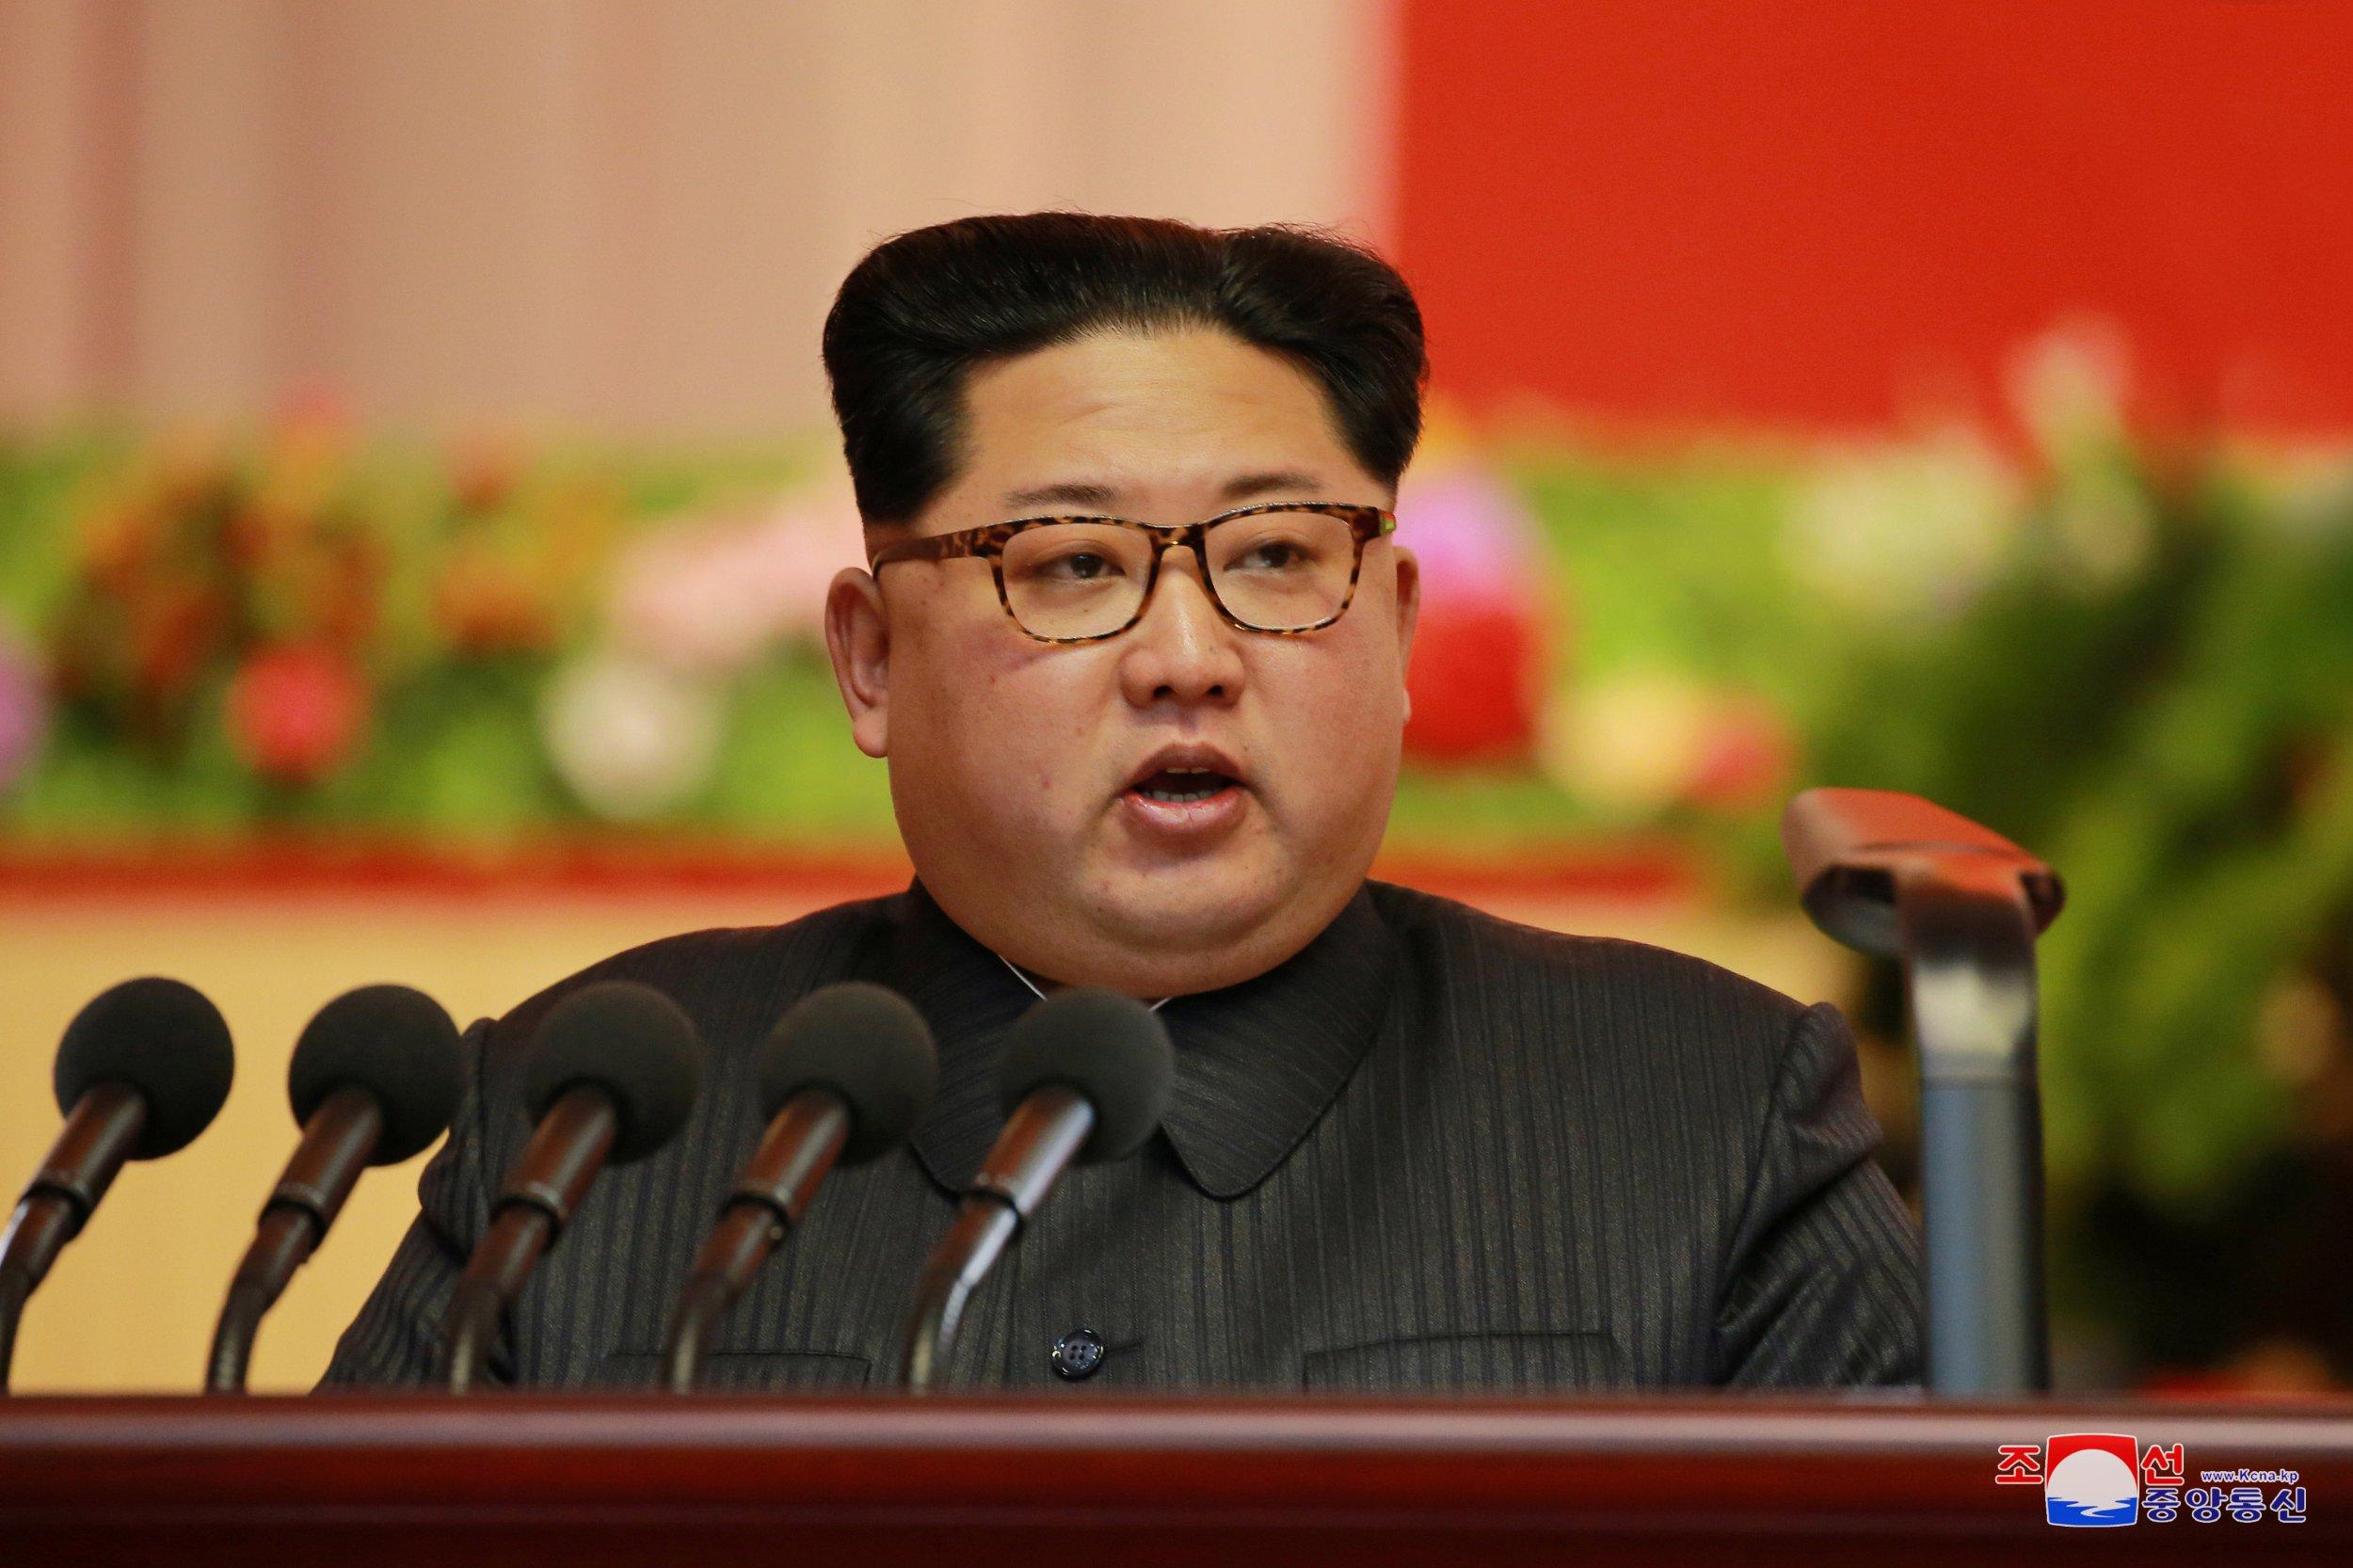 12_15_Kim Jong Un